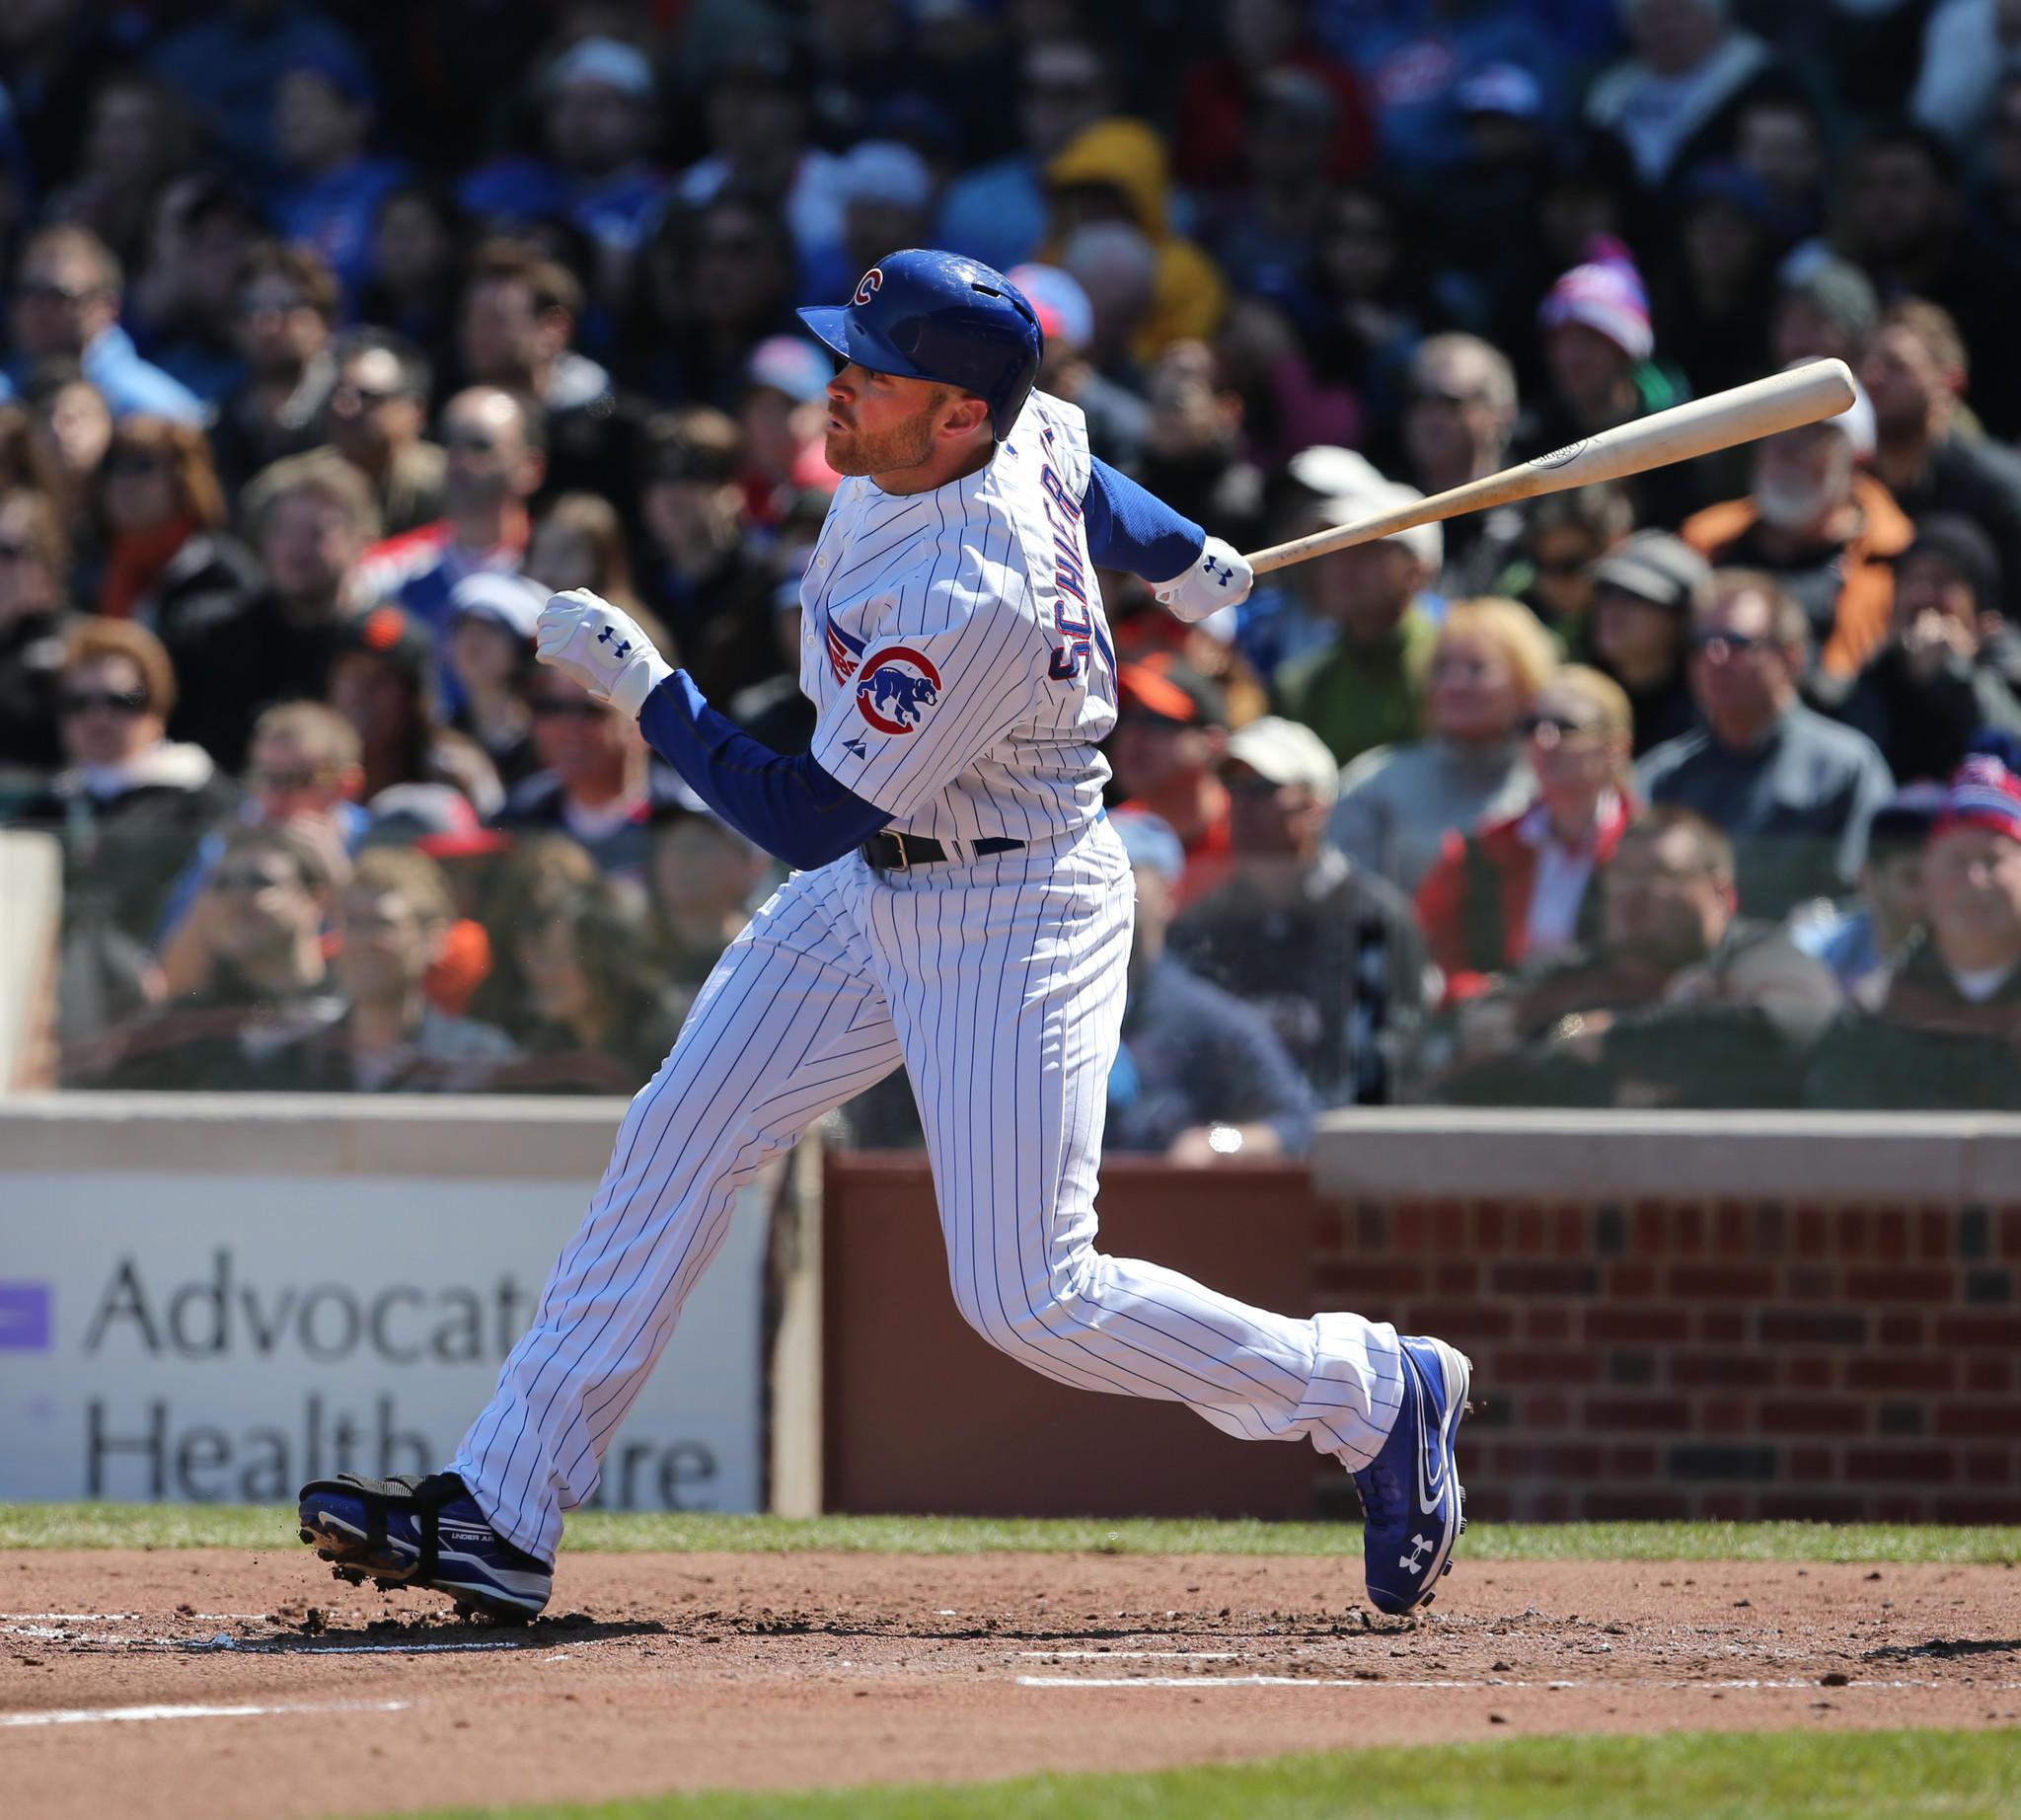 Chicago Cubs outfielder Nate Schierholtz.